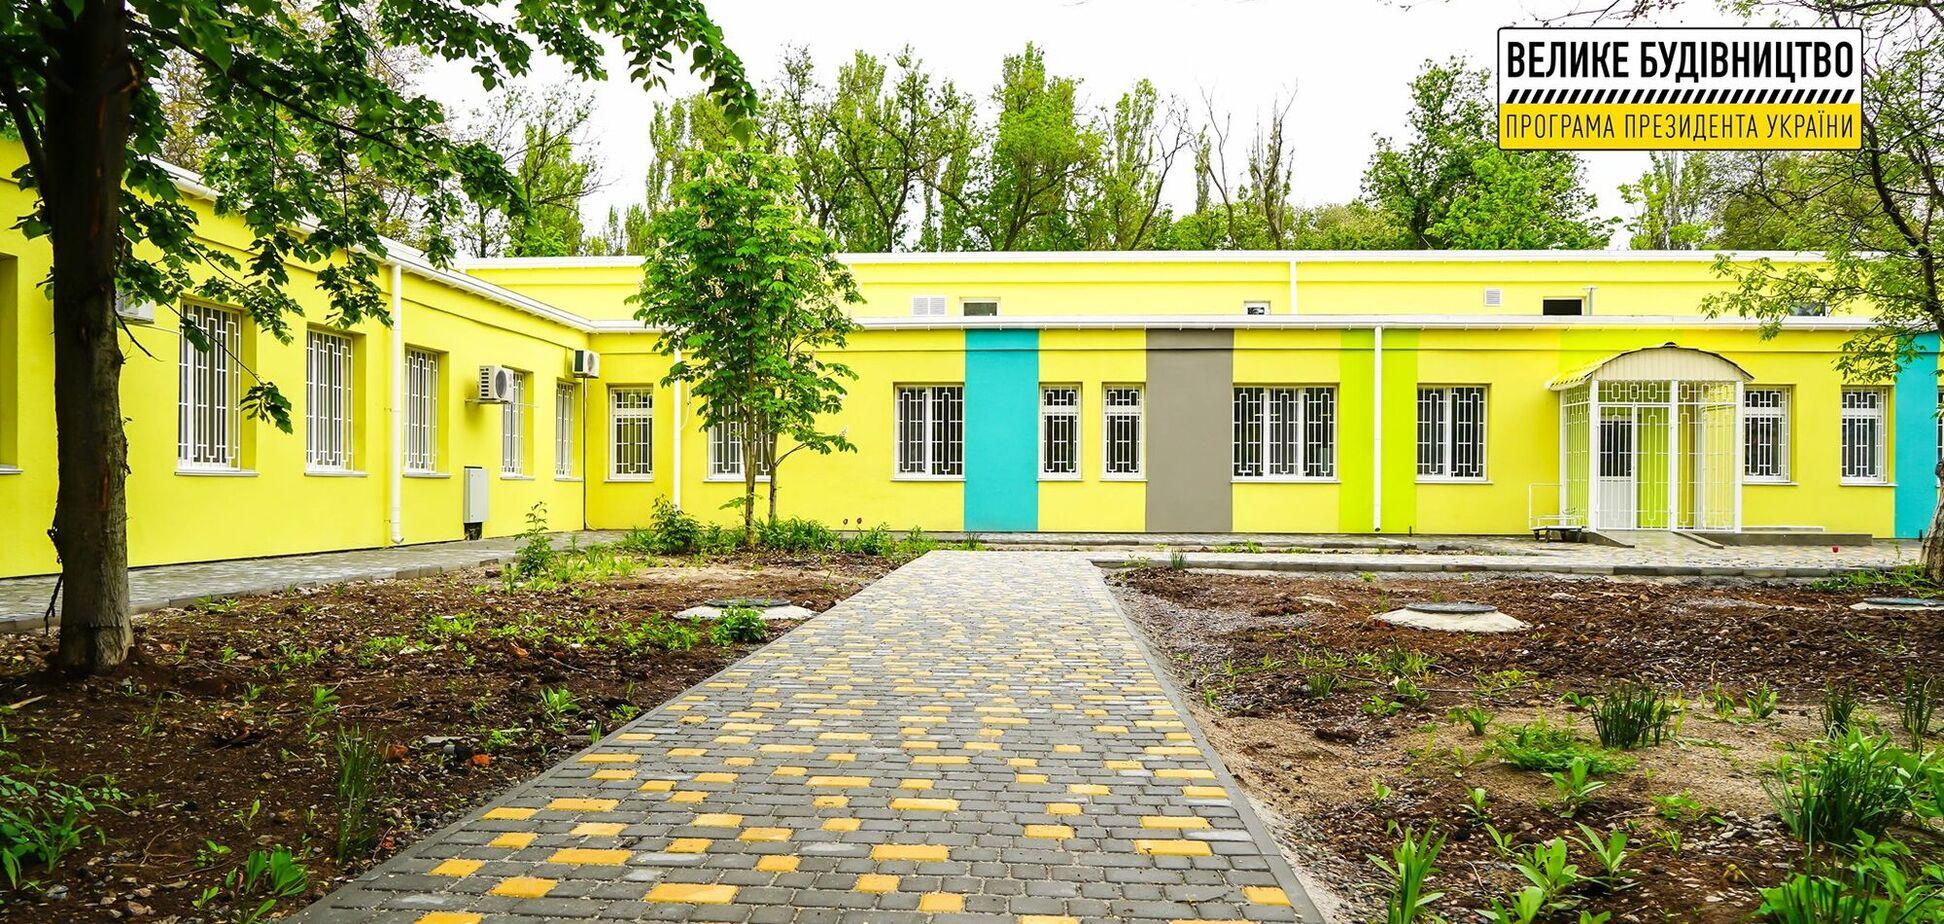 'Велике будівництво' Зеленського перетворило центр онкології у Миколаєві на медзаклад європейського рівня